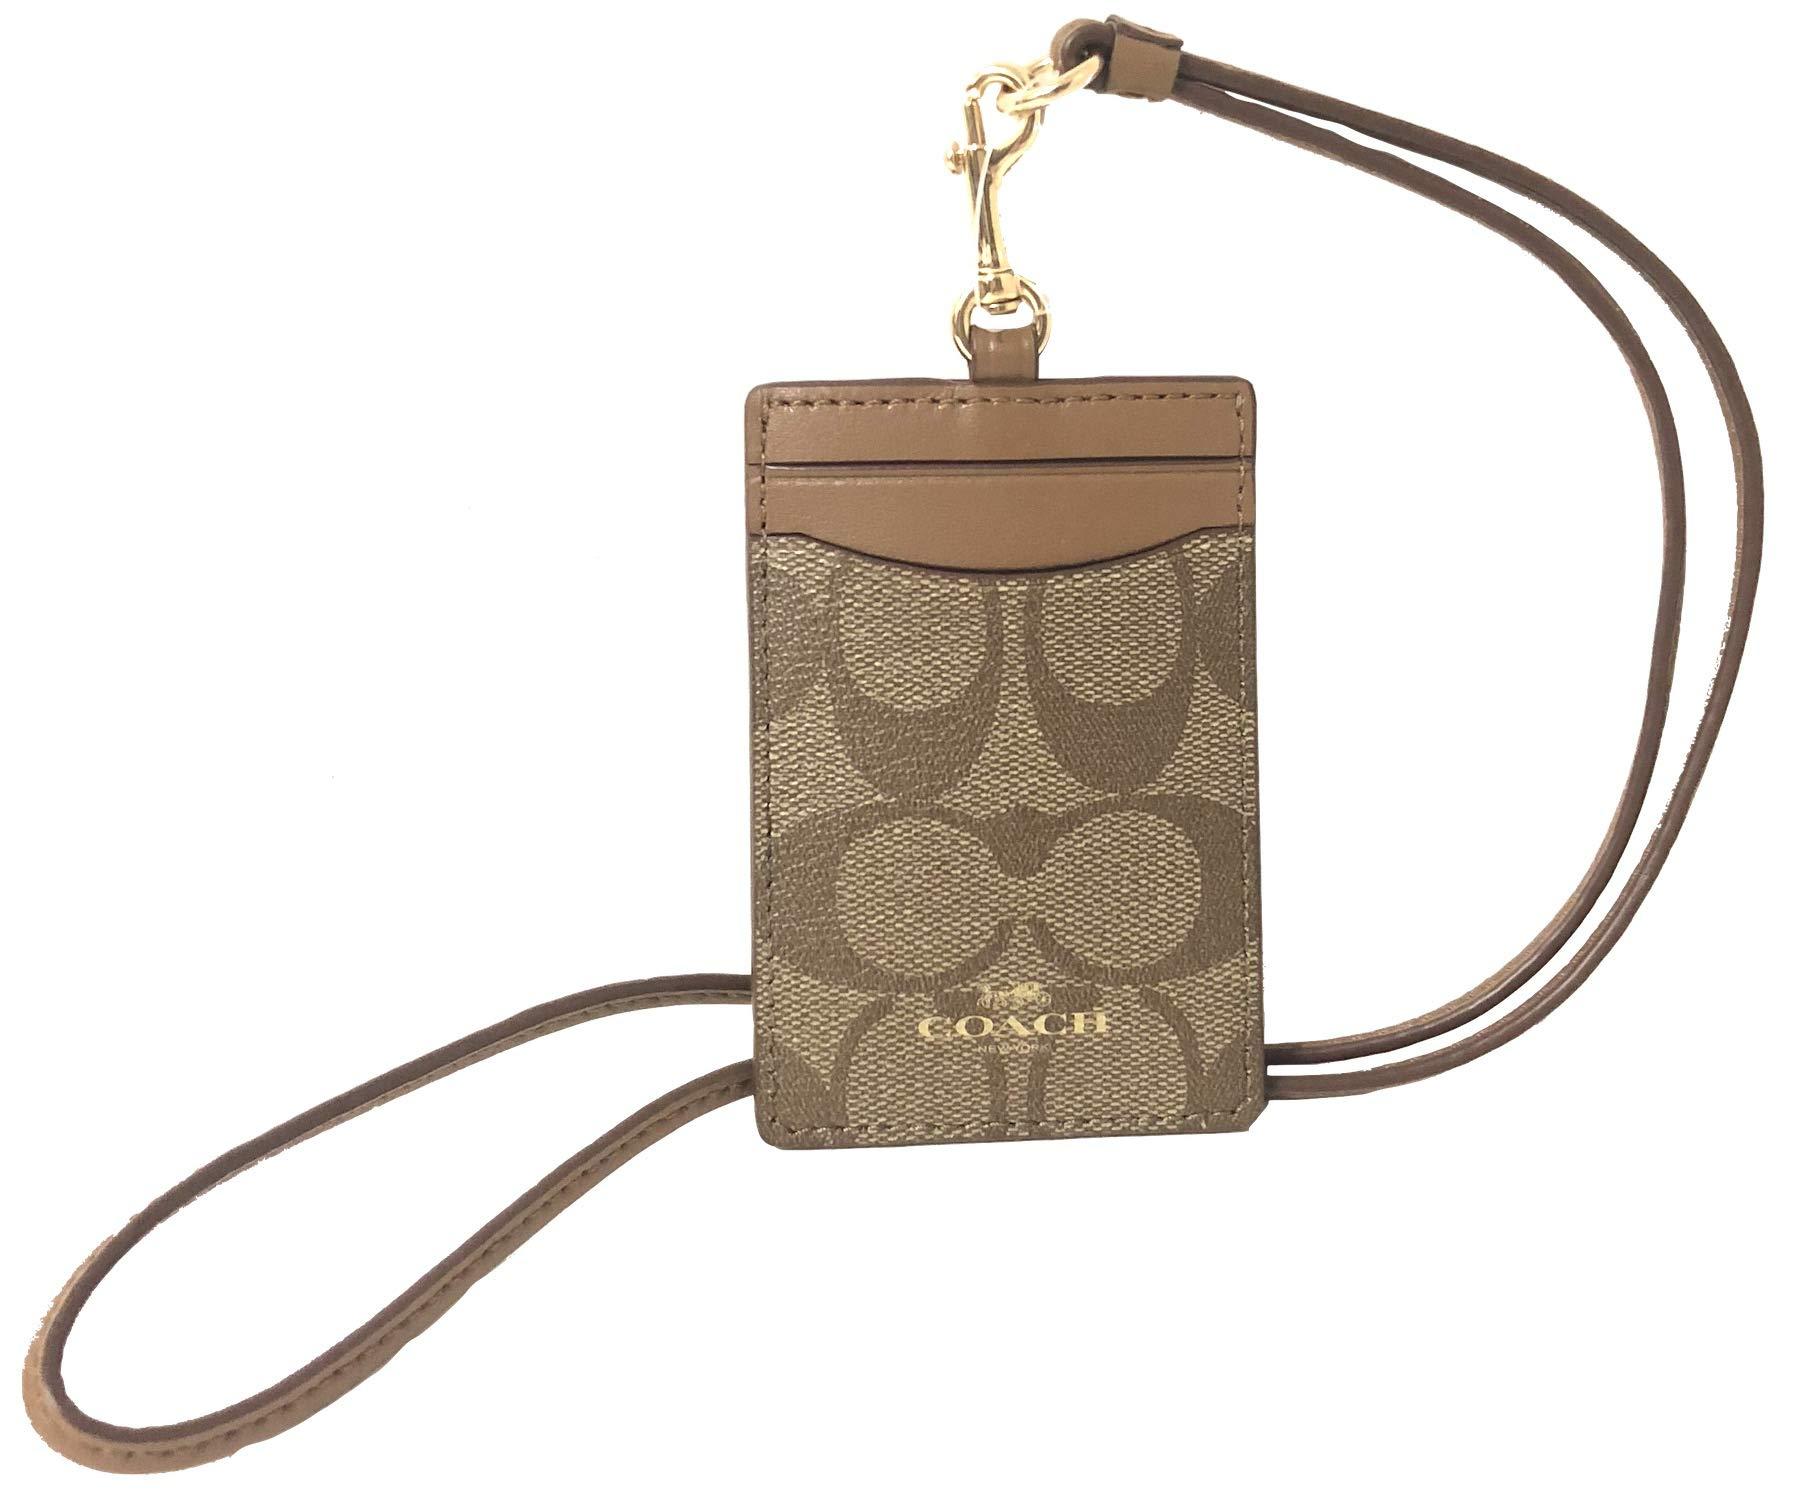 Coach Signature C PVC Canvas Leather Khaki Saddle Lanyard, Badge ID Credit Card Holder 63274